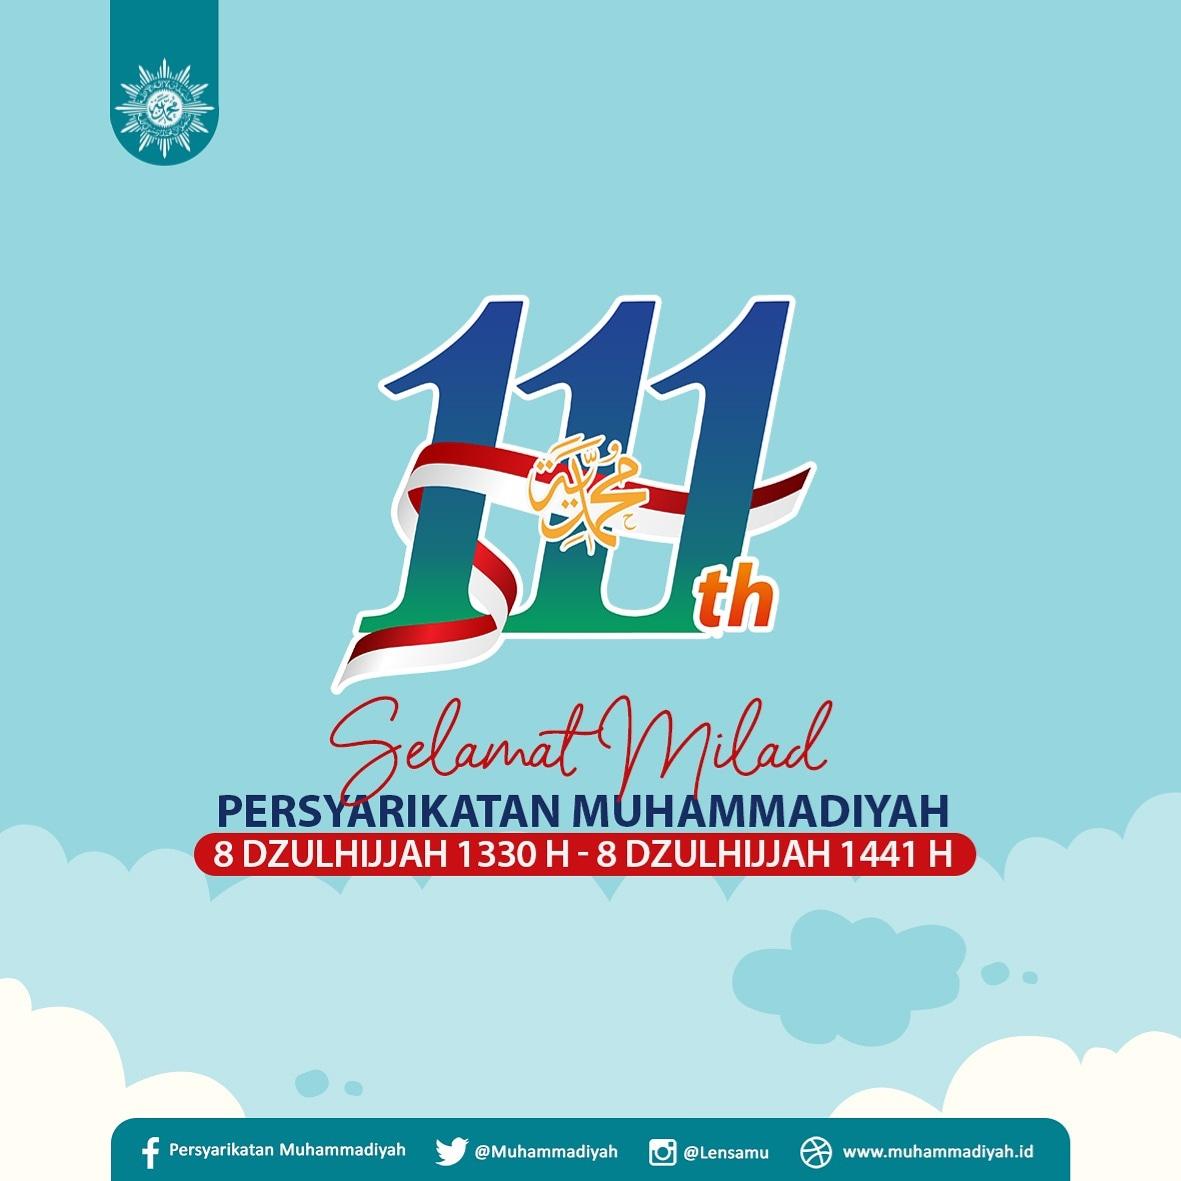 111 tahun Muhammadiyah telah turut berkontribusi dalam perkembangan dunia Islam dan Bangsa Indonesia. 8 Dzulhijjah 1330 H menjadi sejarah besar terbentuknya Organisasi Muhammadiyah Apa harapan SobatMu bagi Muhammadiyah? #Muhammadiyah #Milad111 #Milad111Muhammadiyah #8Dzulhijjah https://t.co/nRZHsKWSw9